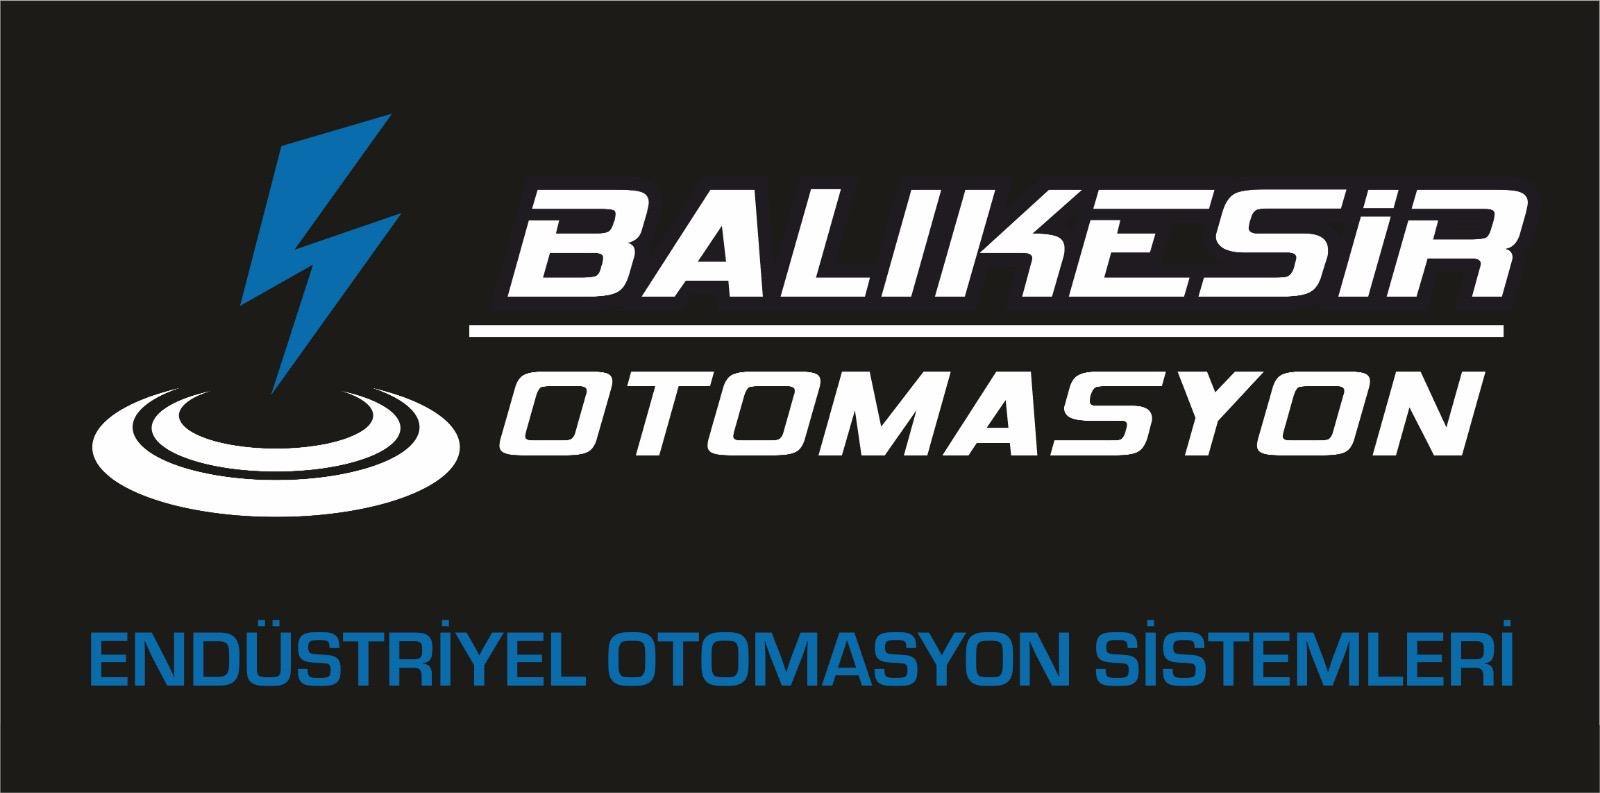 BALIKESIR OTOMASYON